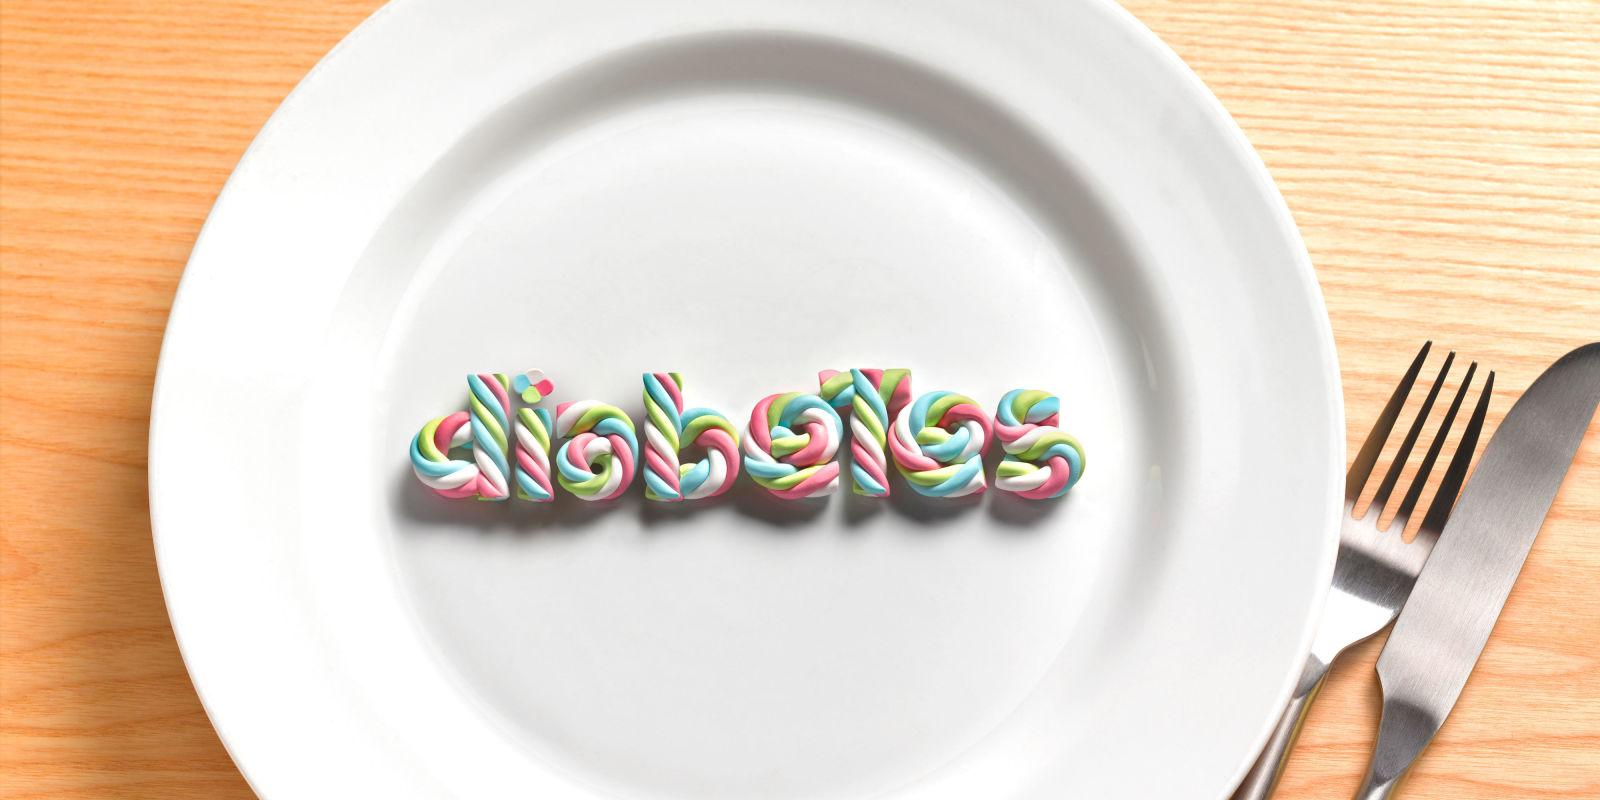 Принято говорить одвух типах сахарного диабета. Но эксперты полагают, что вдействительности их может быть гораздо больше.